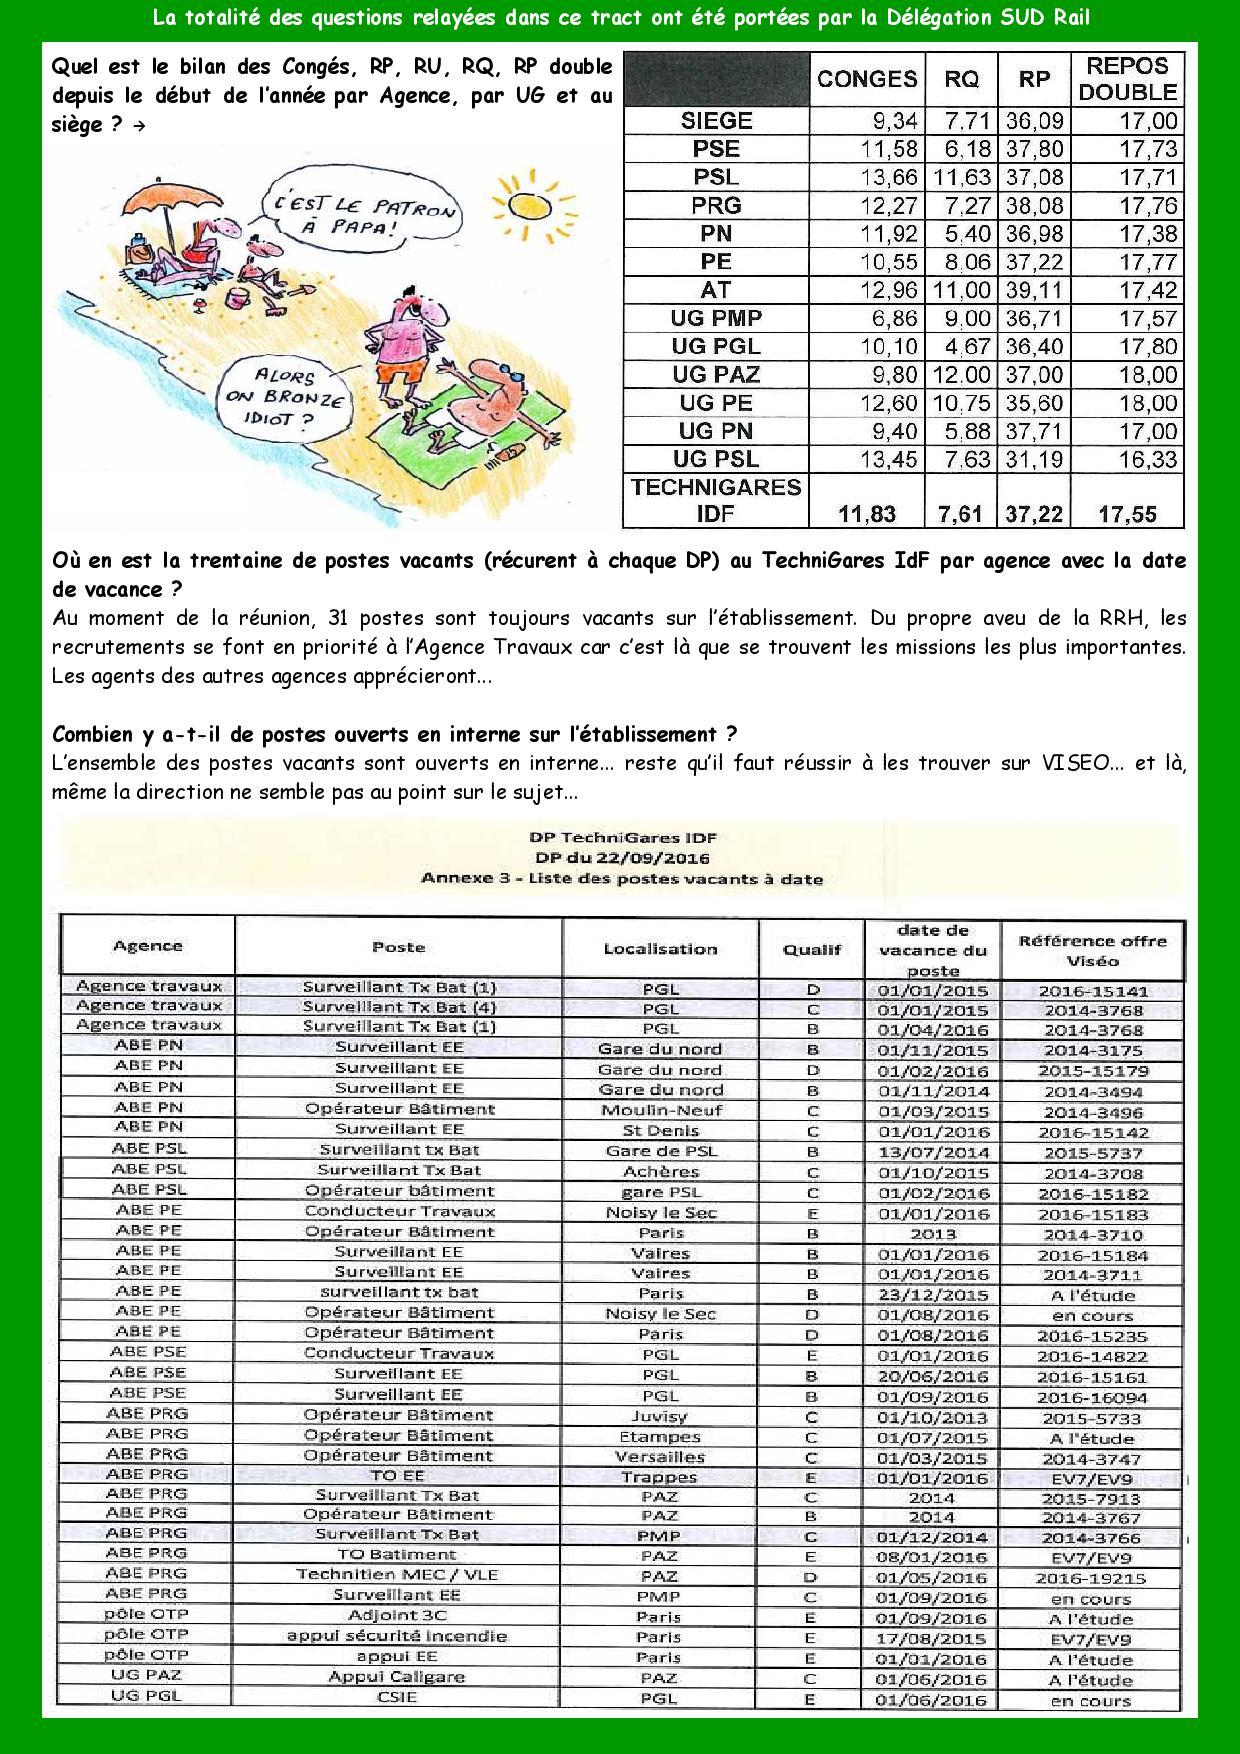 cr-dp-tgidf-22-09-16-page-006